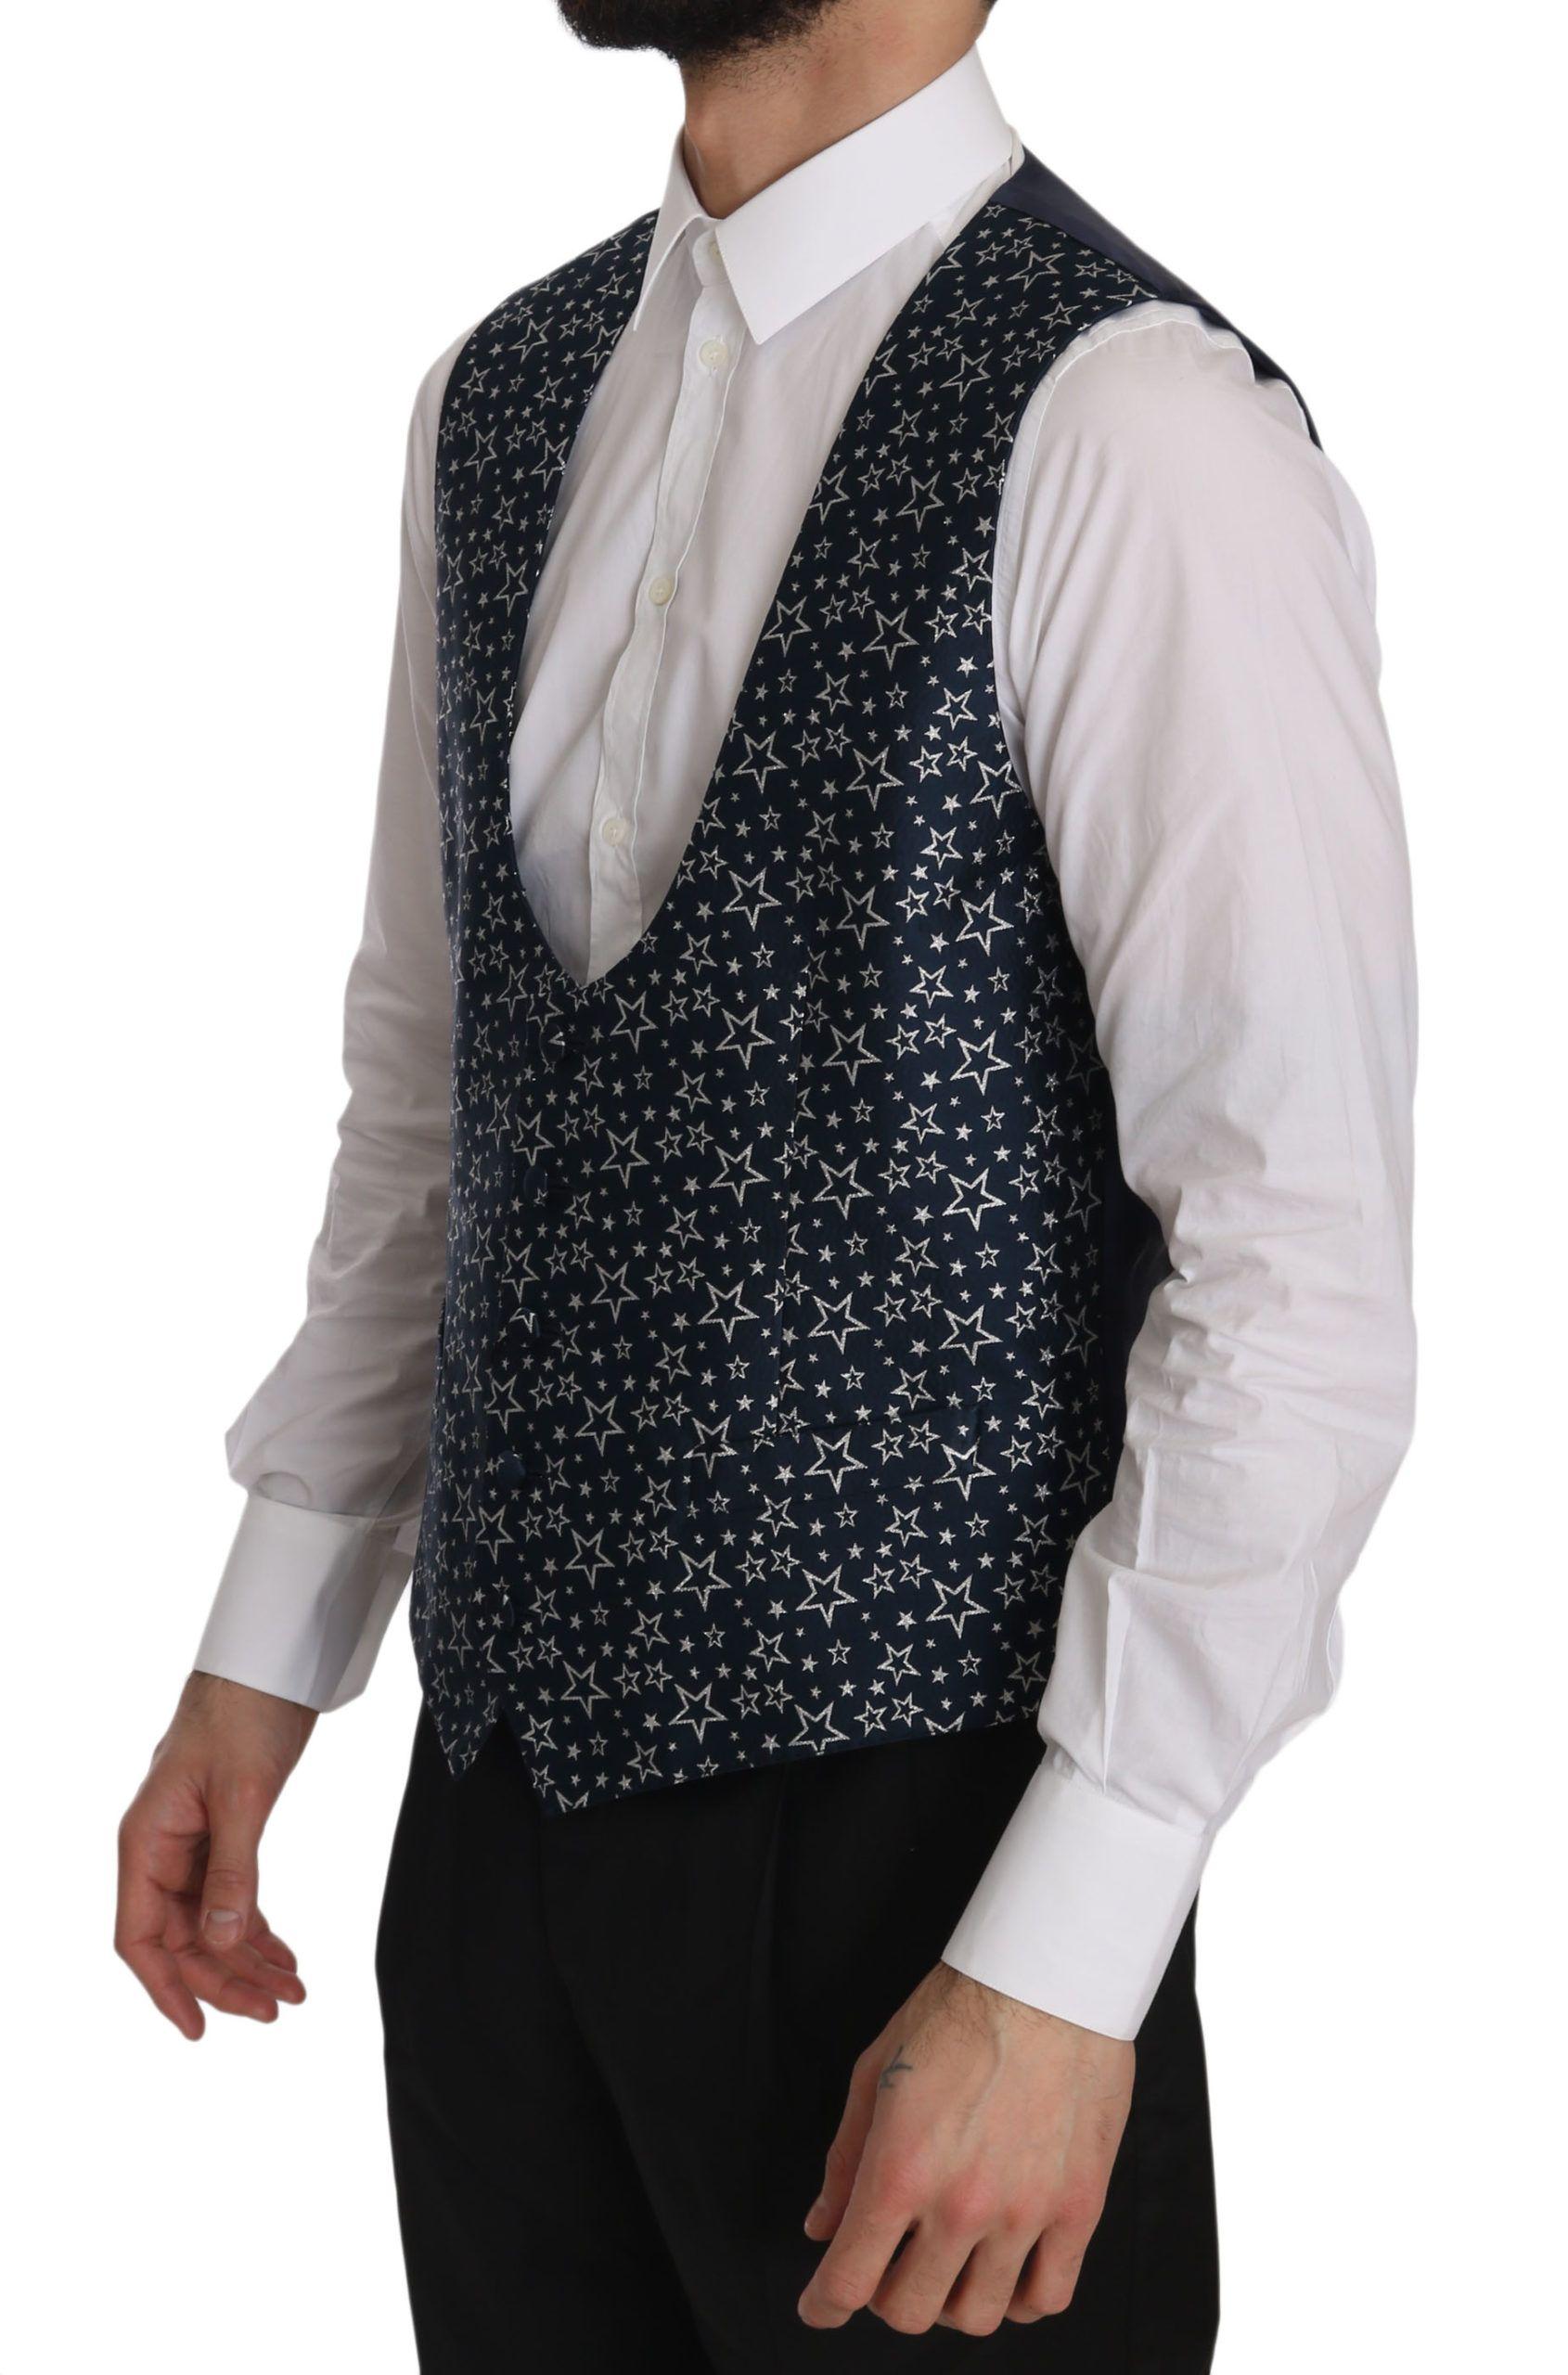 Dolce & Gabbana Star Patterned Slim Fit Formal Vest